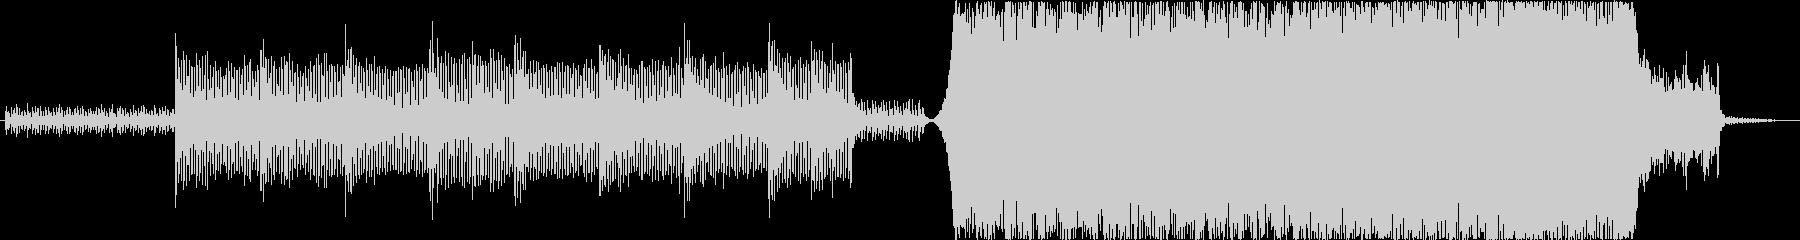 ストリングス、ブラス、ピアノ、E.Gの未再生の波形